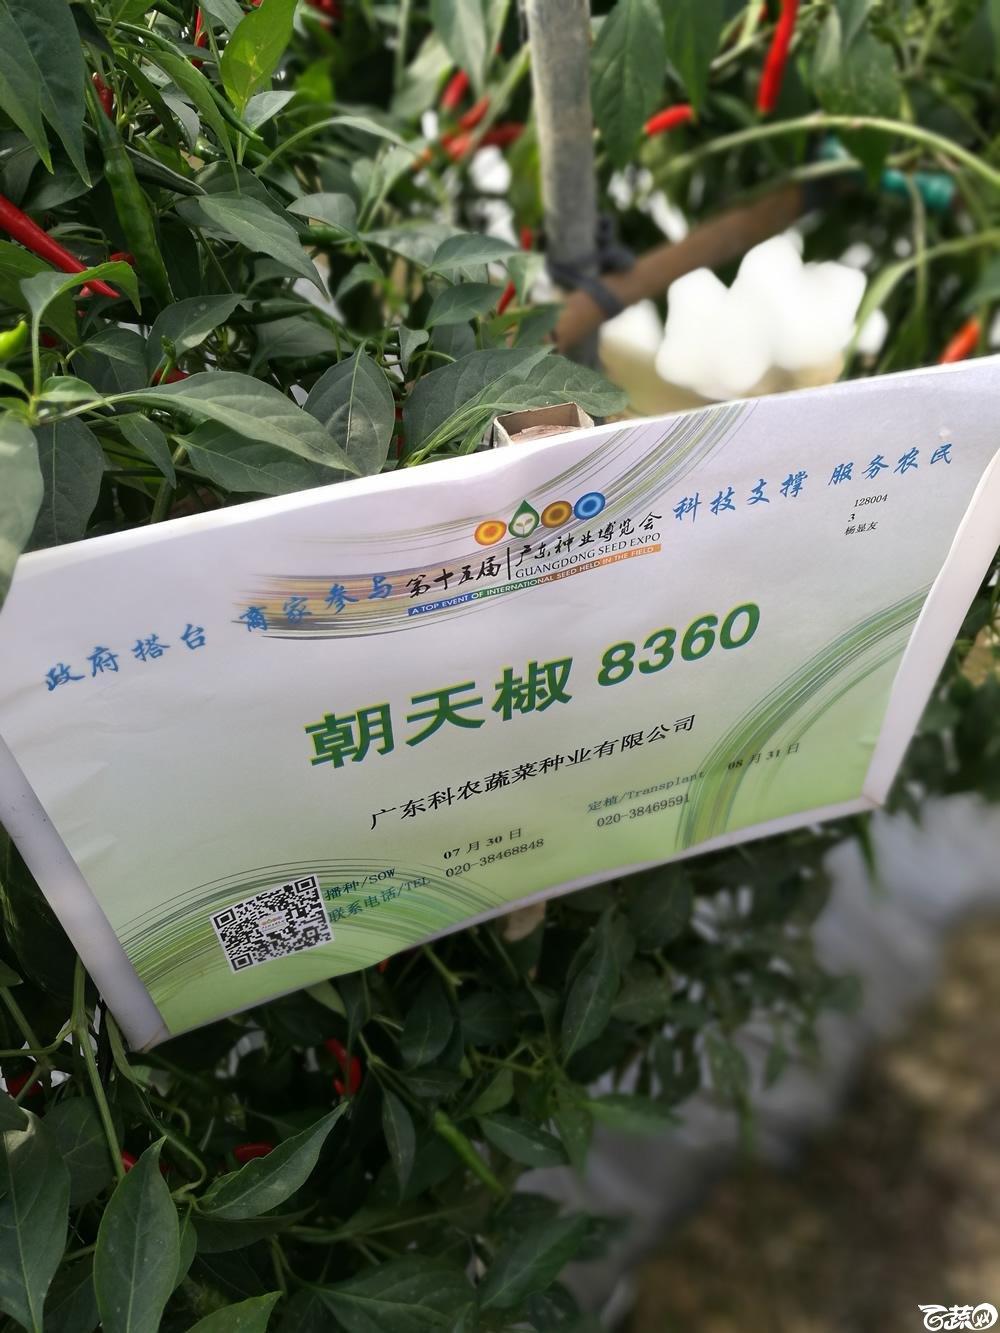 2016年15届广东种博会,广东科农种业朝天椒8360_001.jpg